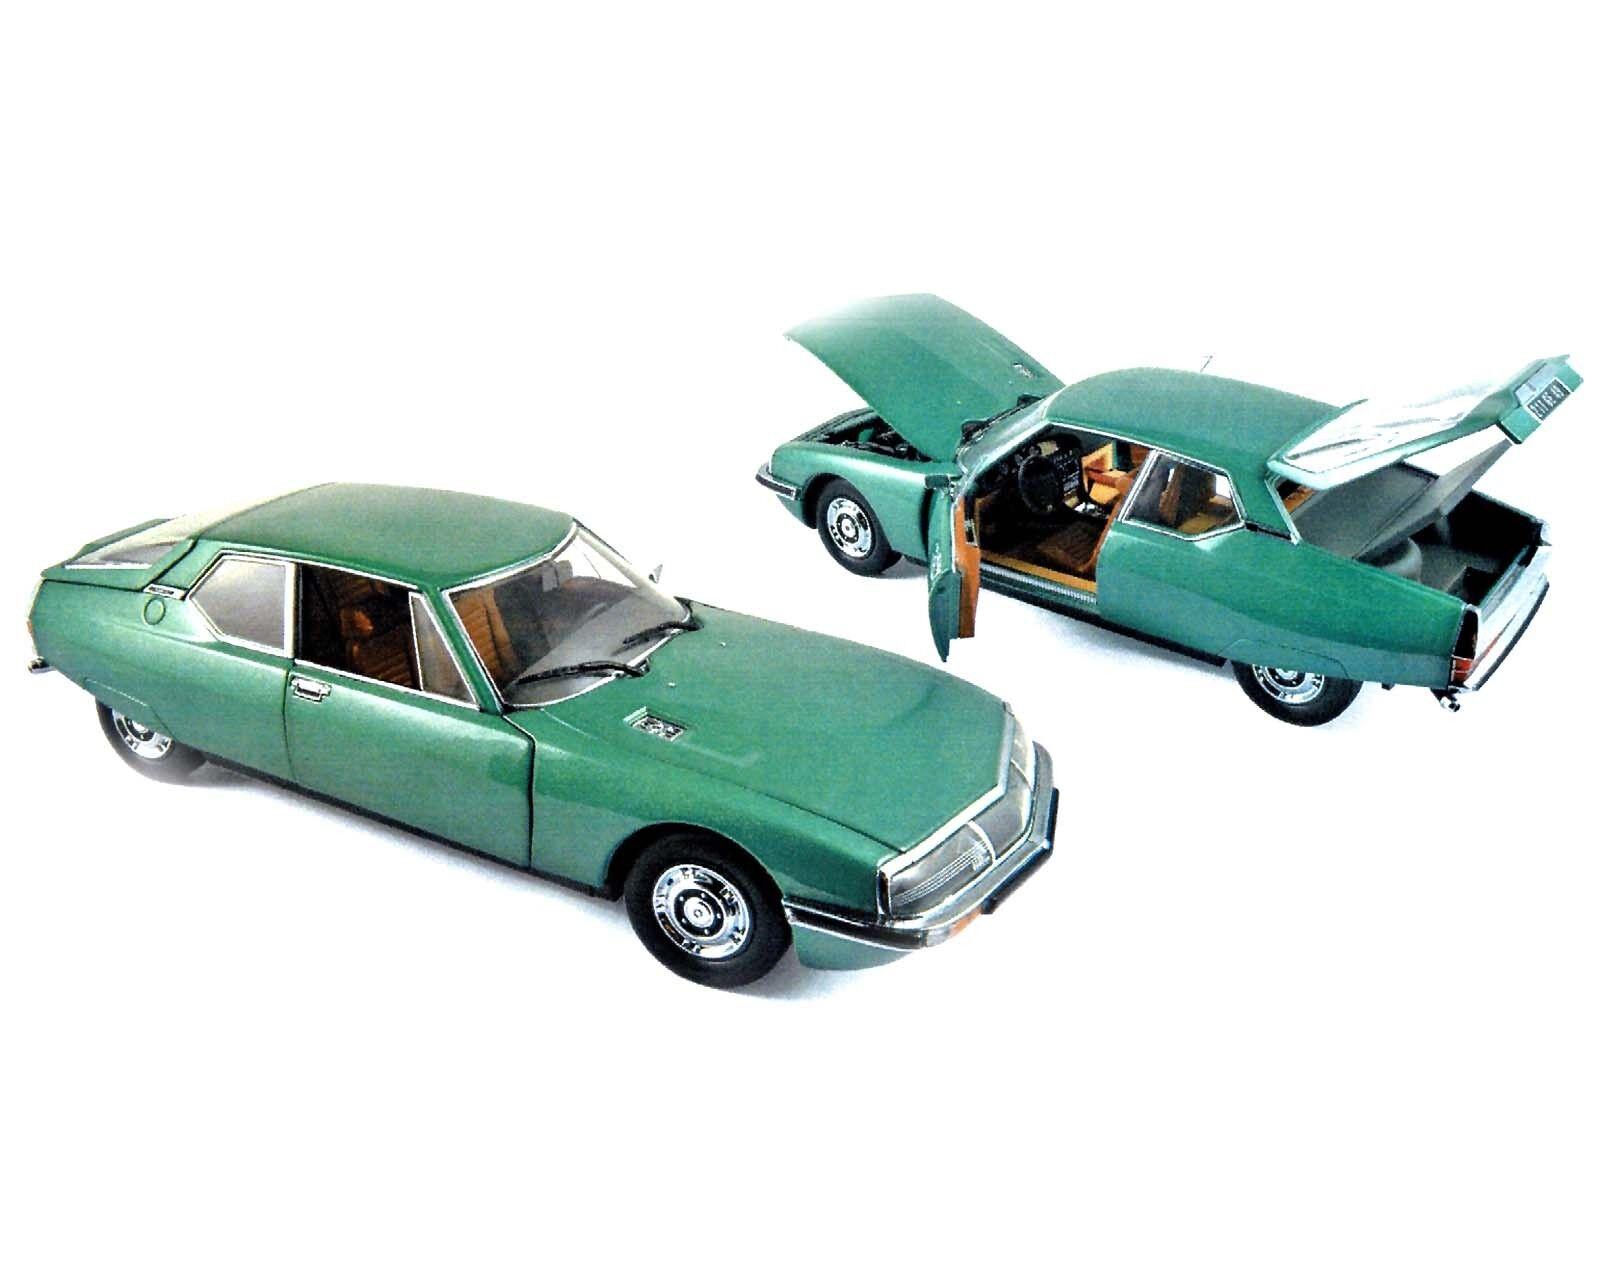 Citroen sm 1971, verde-metalizado, 1 18, norev